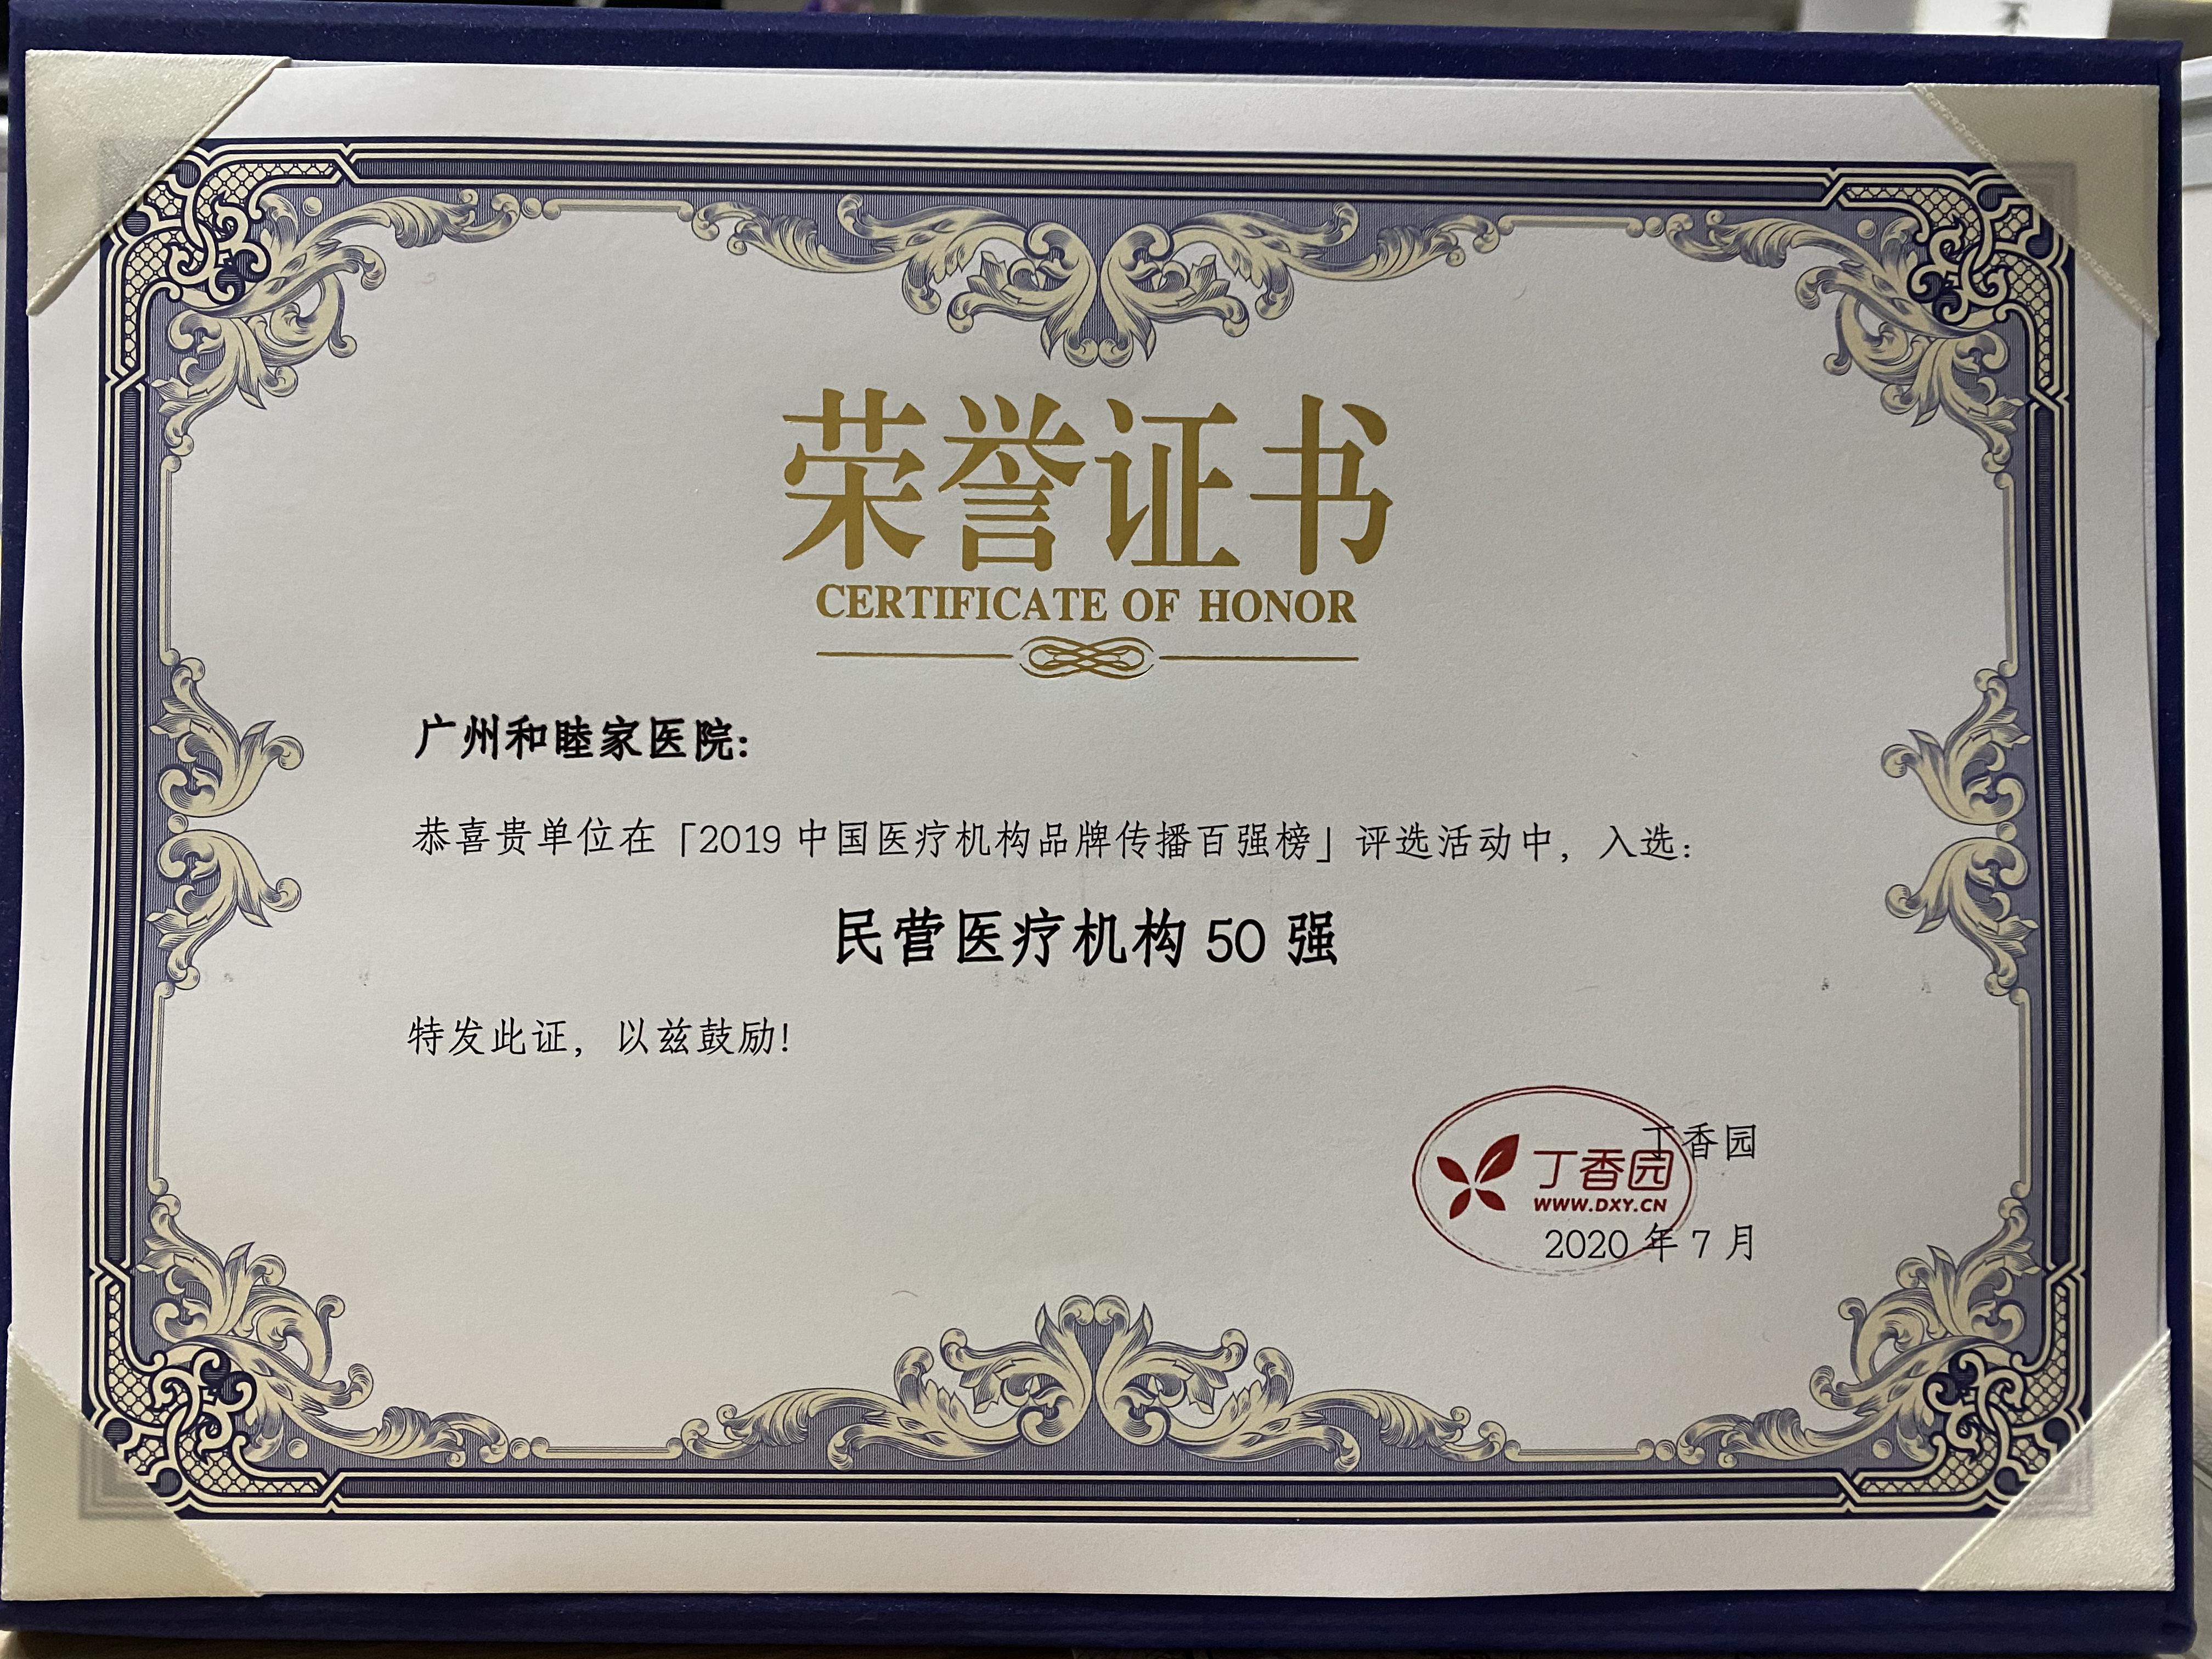 新风医疗旗下品牌和睦家荣登丁香园 2019 医院品牌传播百强榜